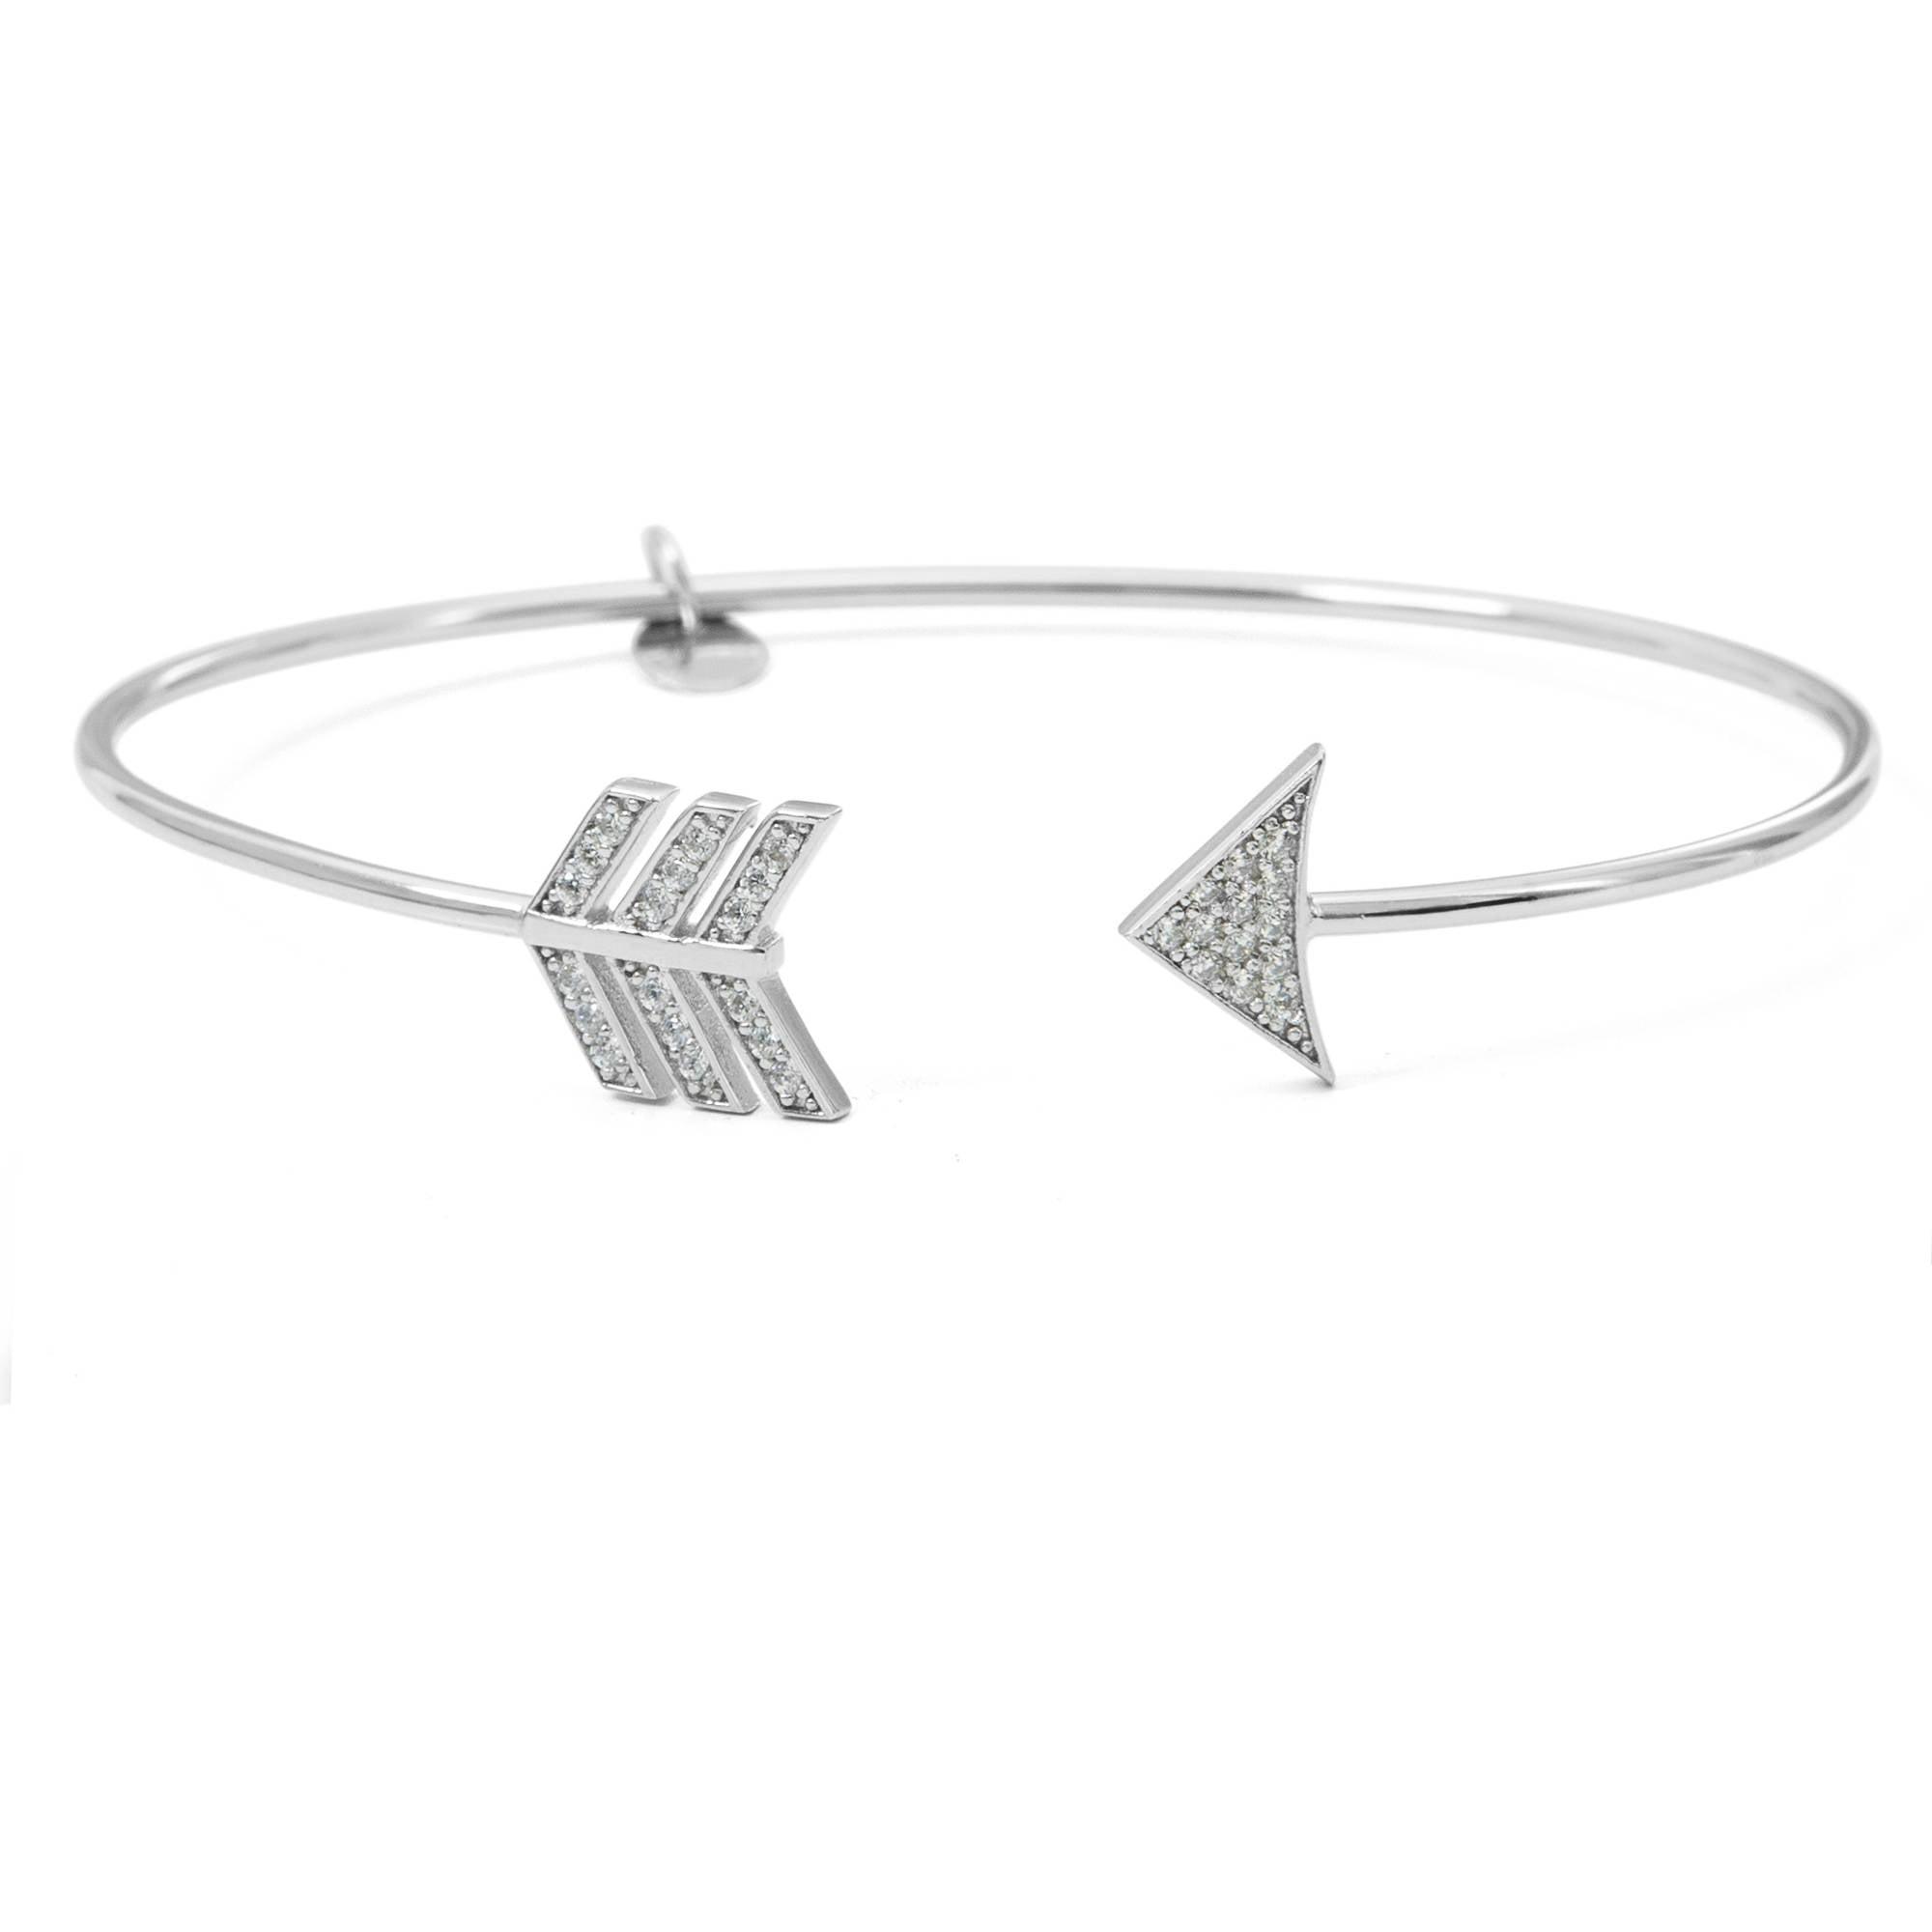 Cubic Zirconia Sterling Silver Arrow Cuff Bracelet